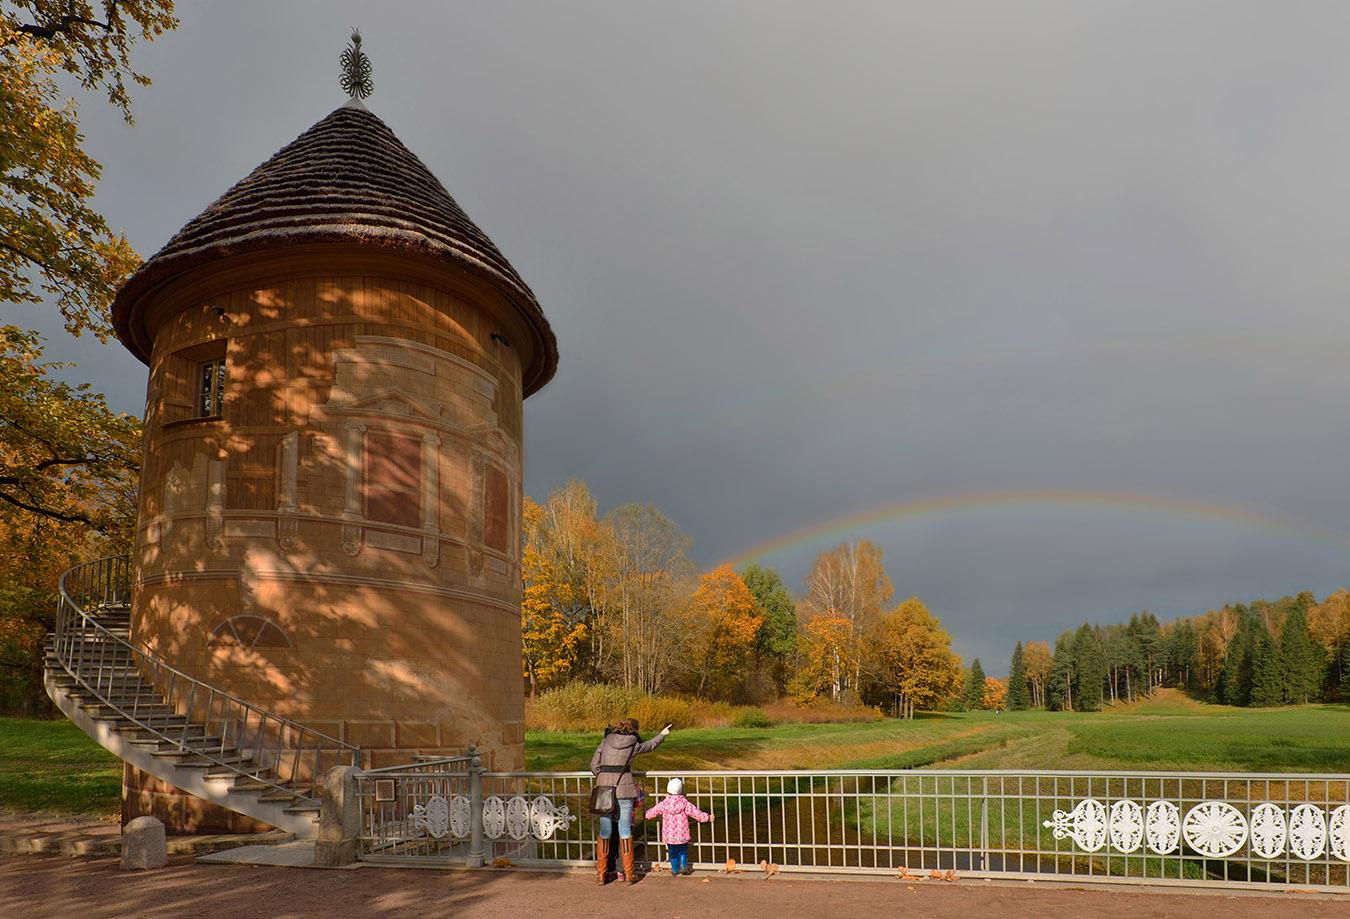 Фотография 18. Пиль-башня. Четыре радуги. 1/640, 0.33, 6.3, 160, 18.